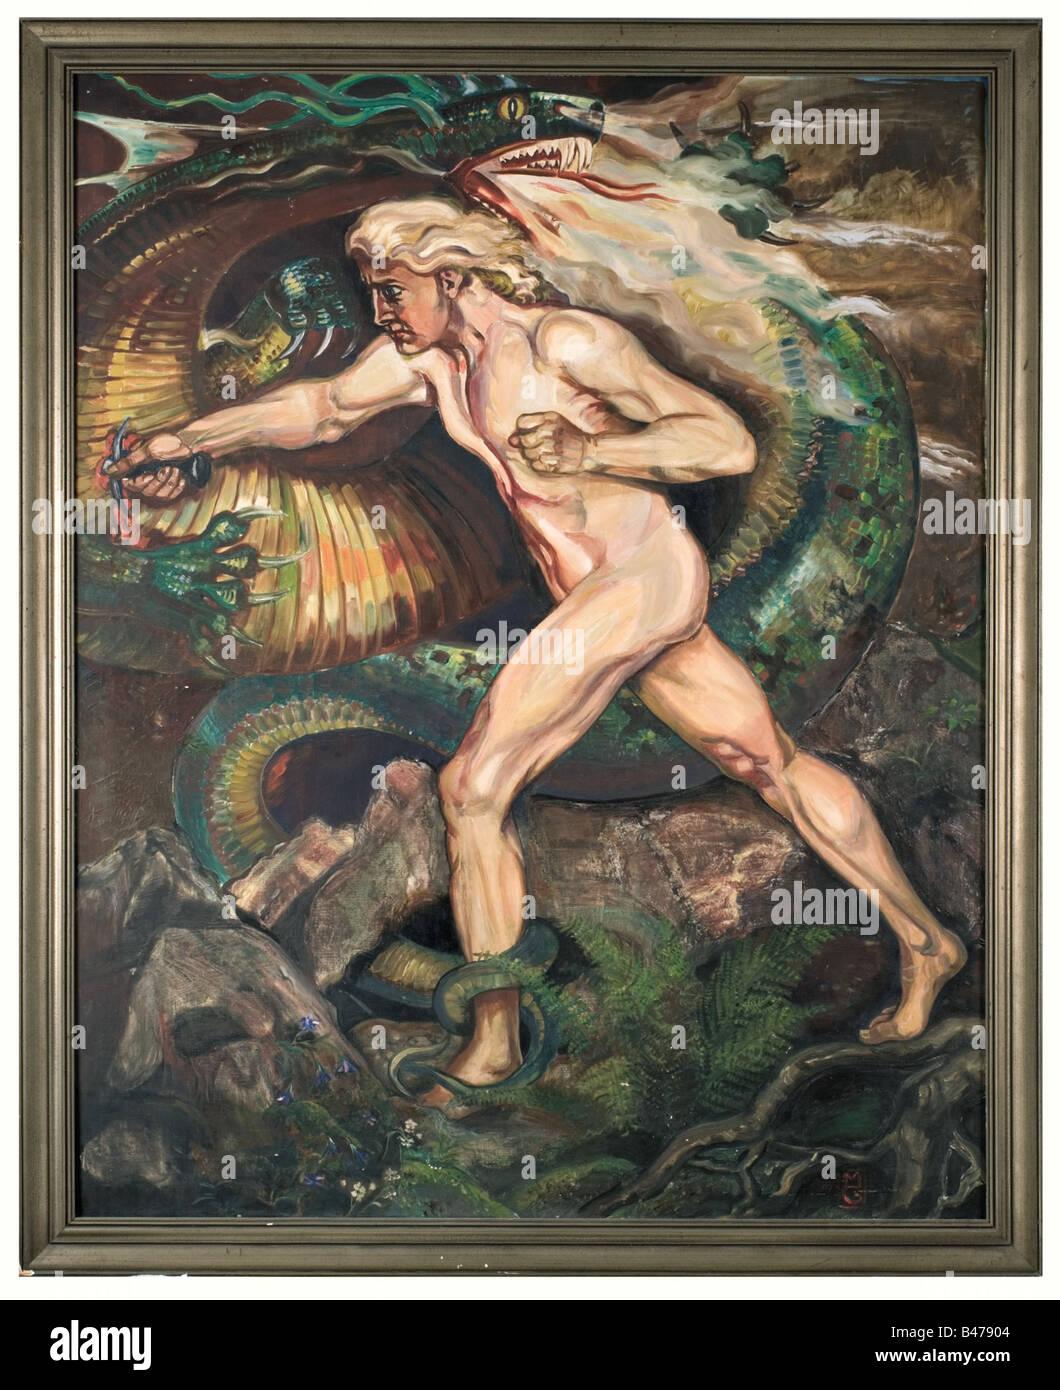 Mathias Guckenhan - Siegfried matando al dragón., pintura monumental. Óleo sobre lienzo, en el lado derecho inferior Foto de stock